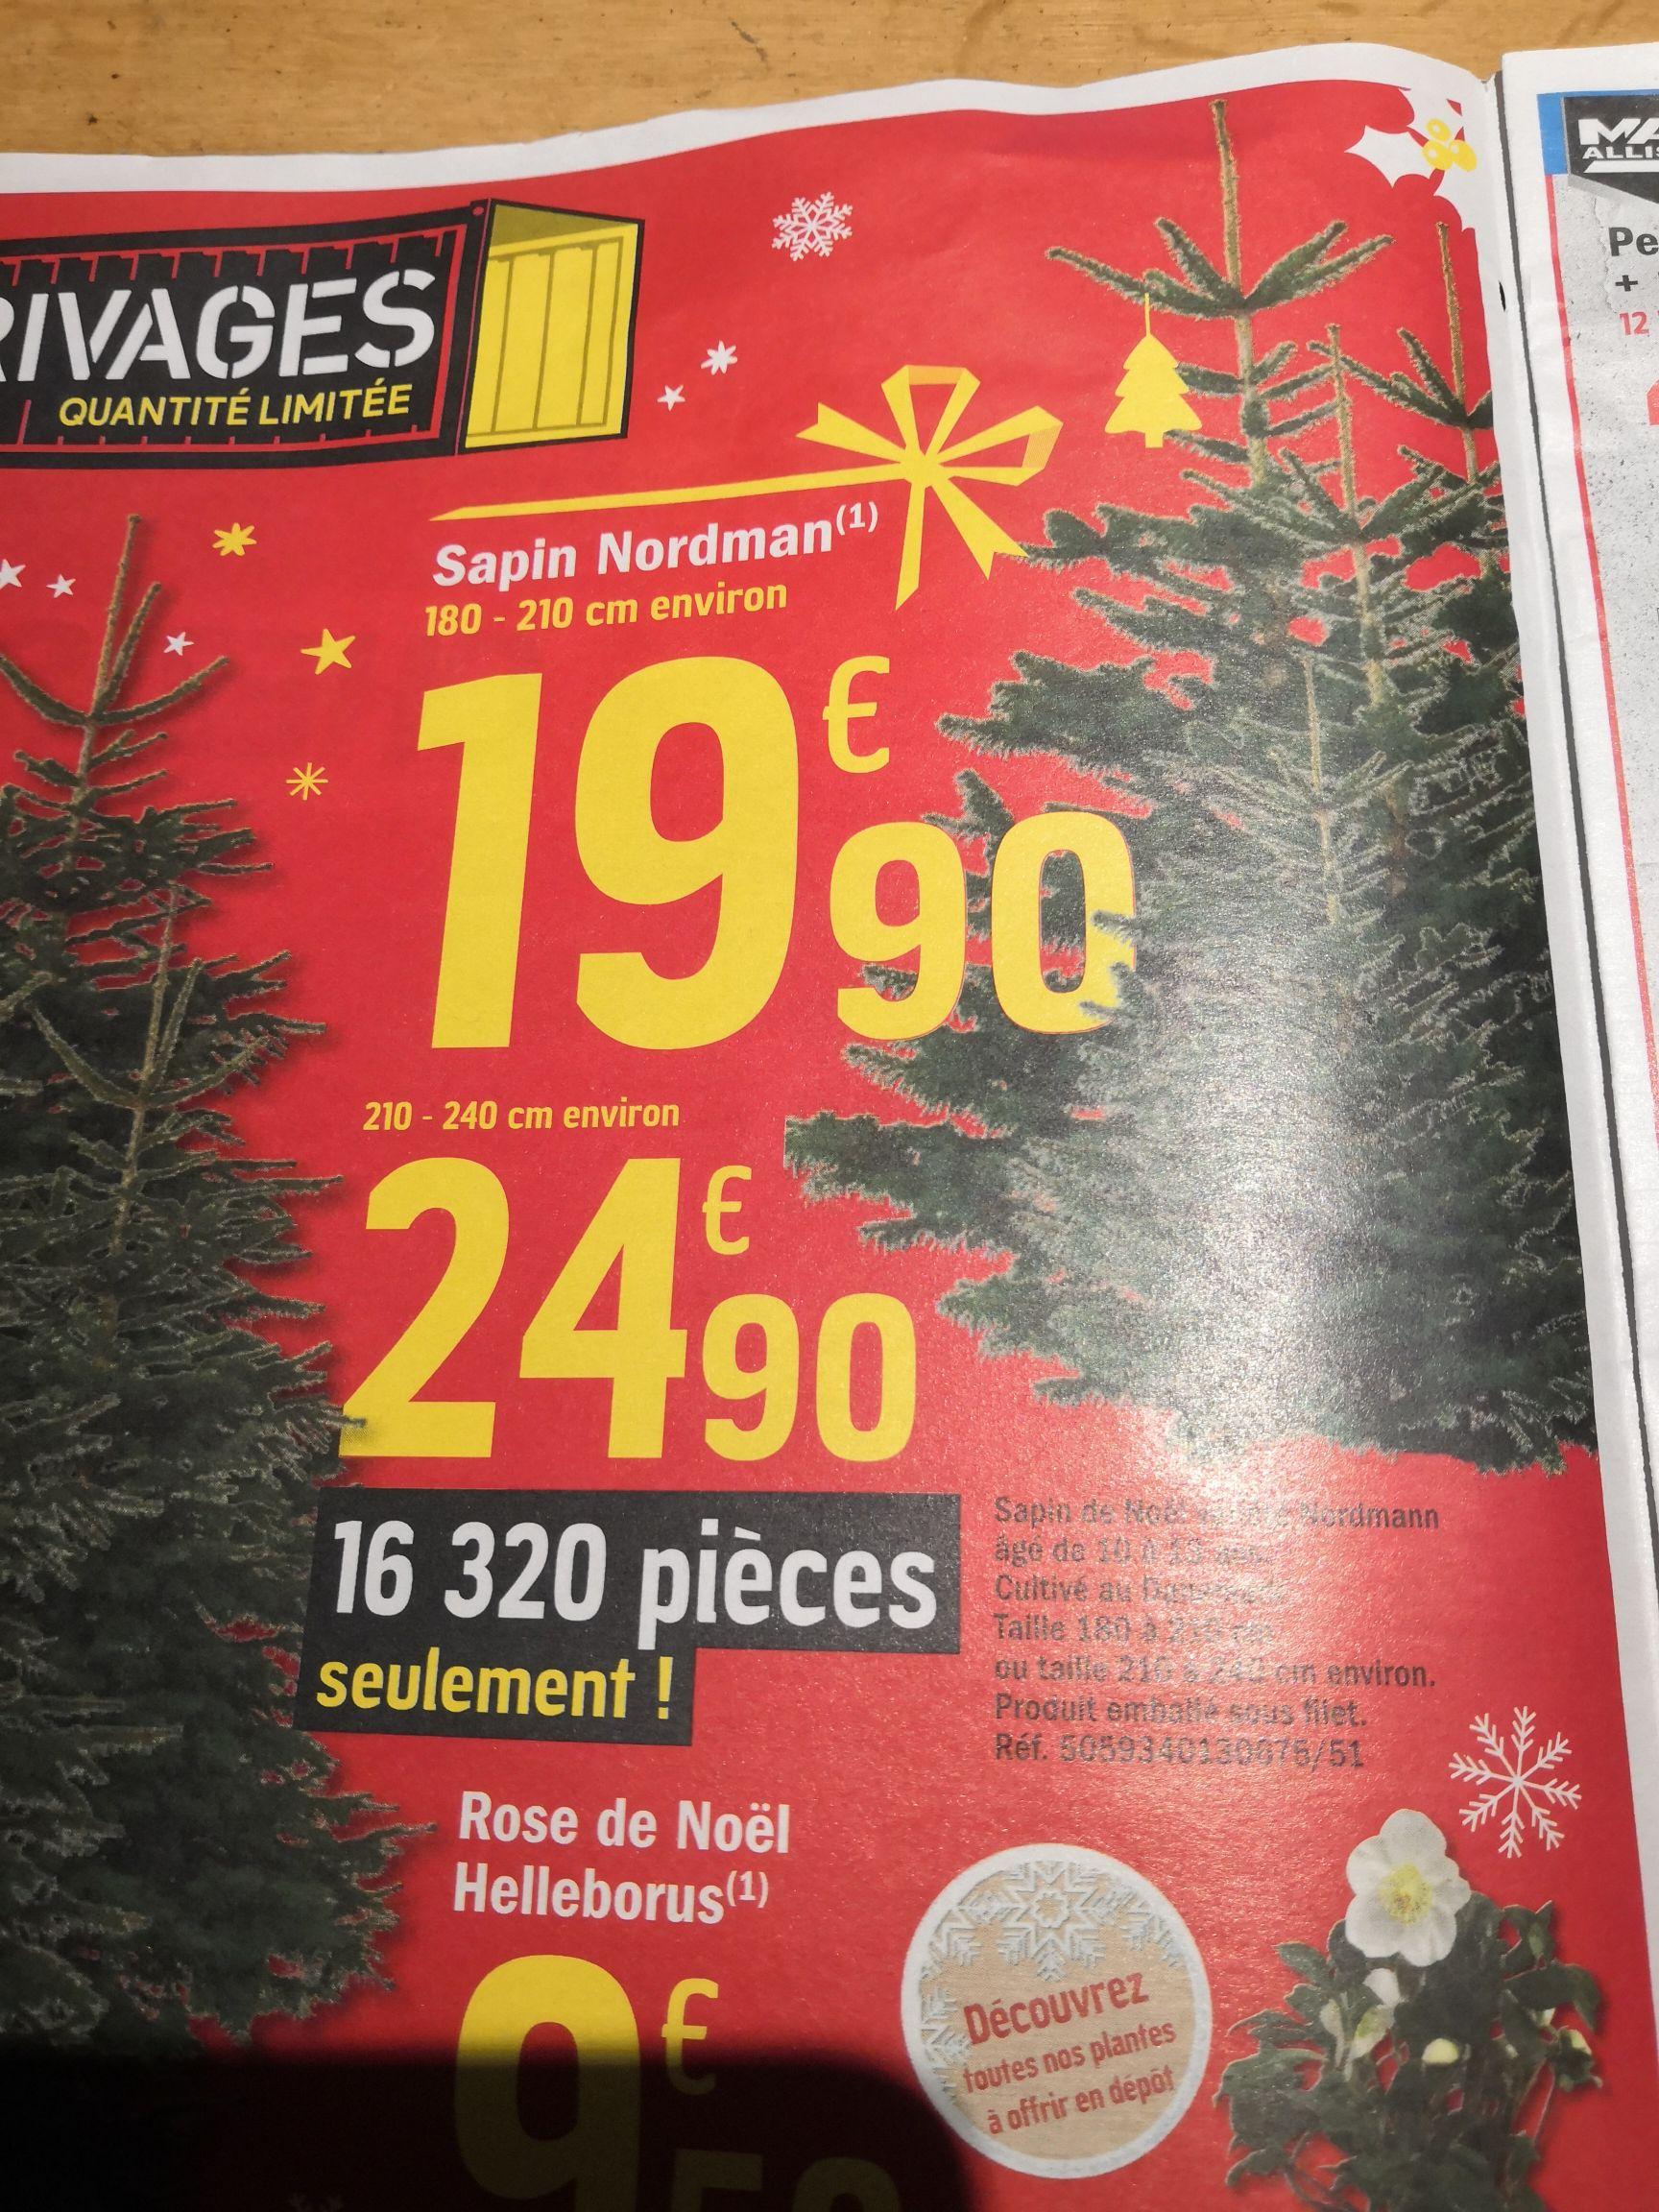 Sapin de Noël Nordman - 180-210 cm à 19.9€ ou 210-240 cm à 24.9€